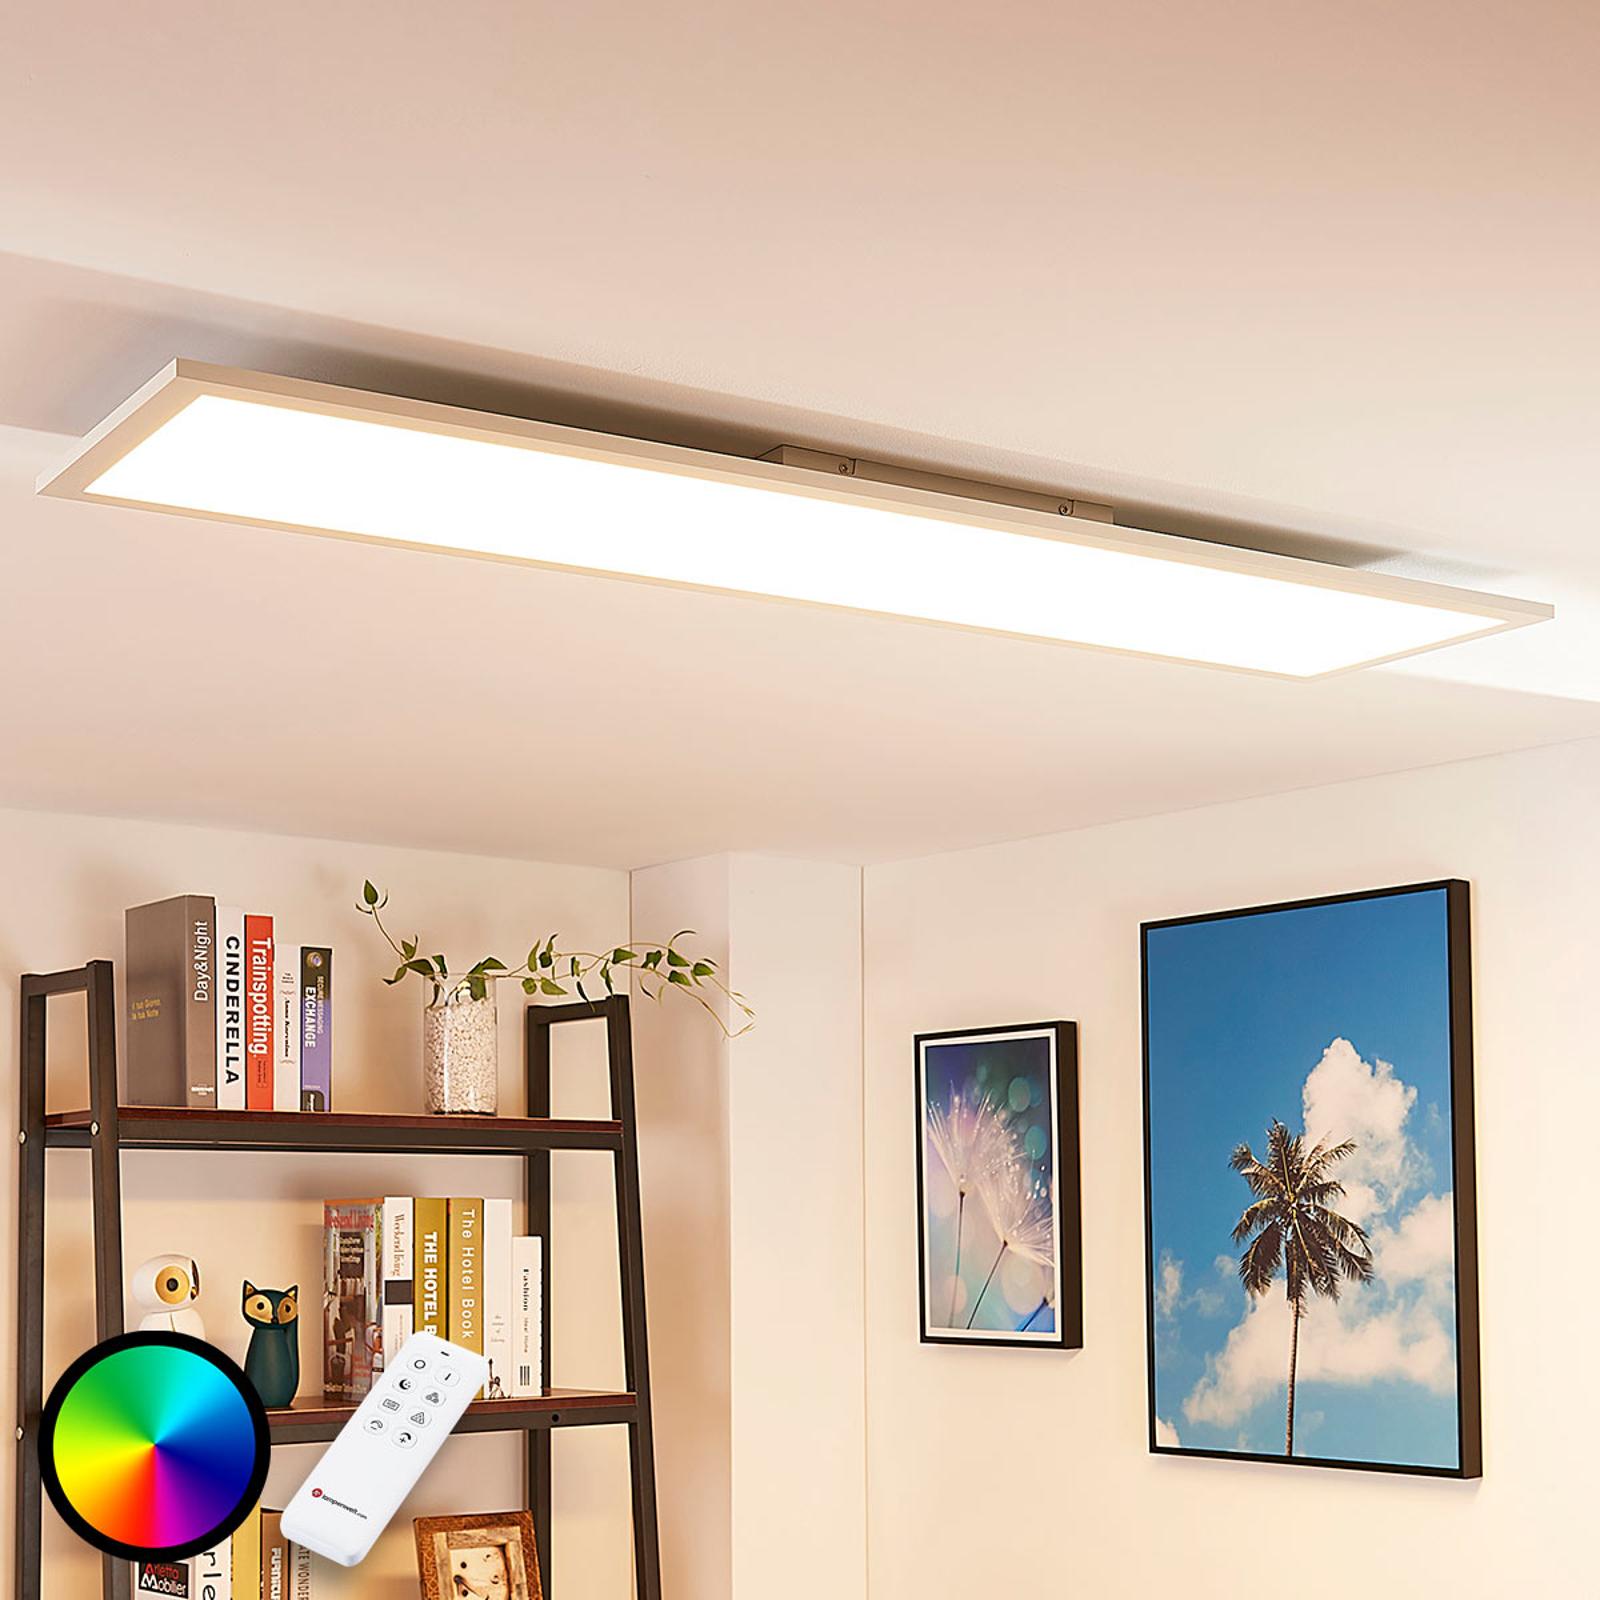 Langwerpig LED plafondlamp Tinus, RGB en warmwit